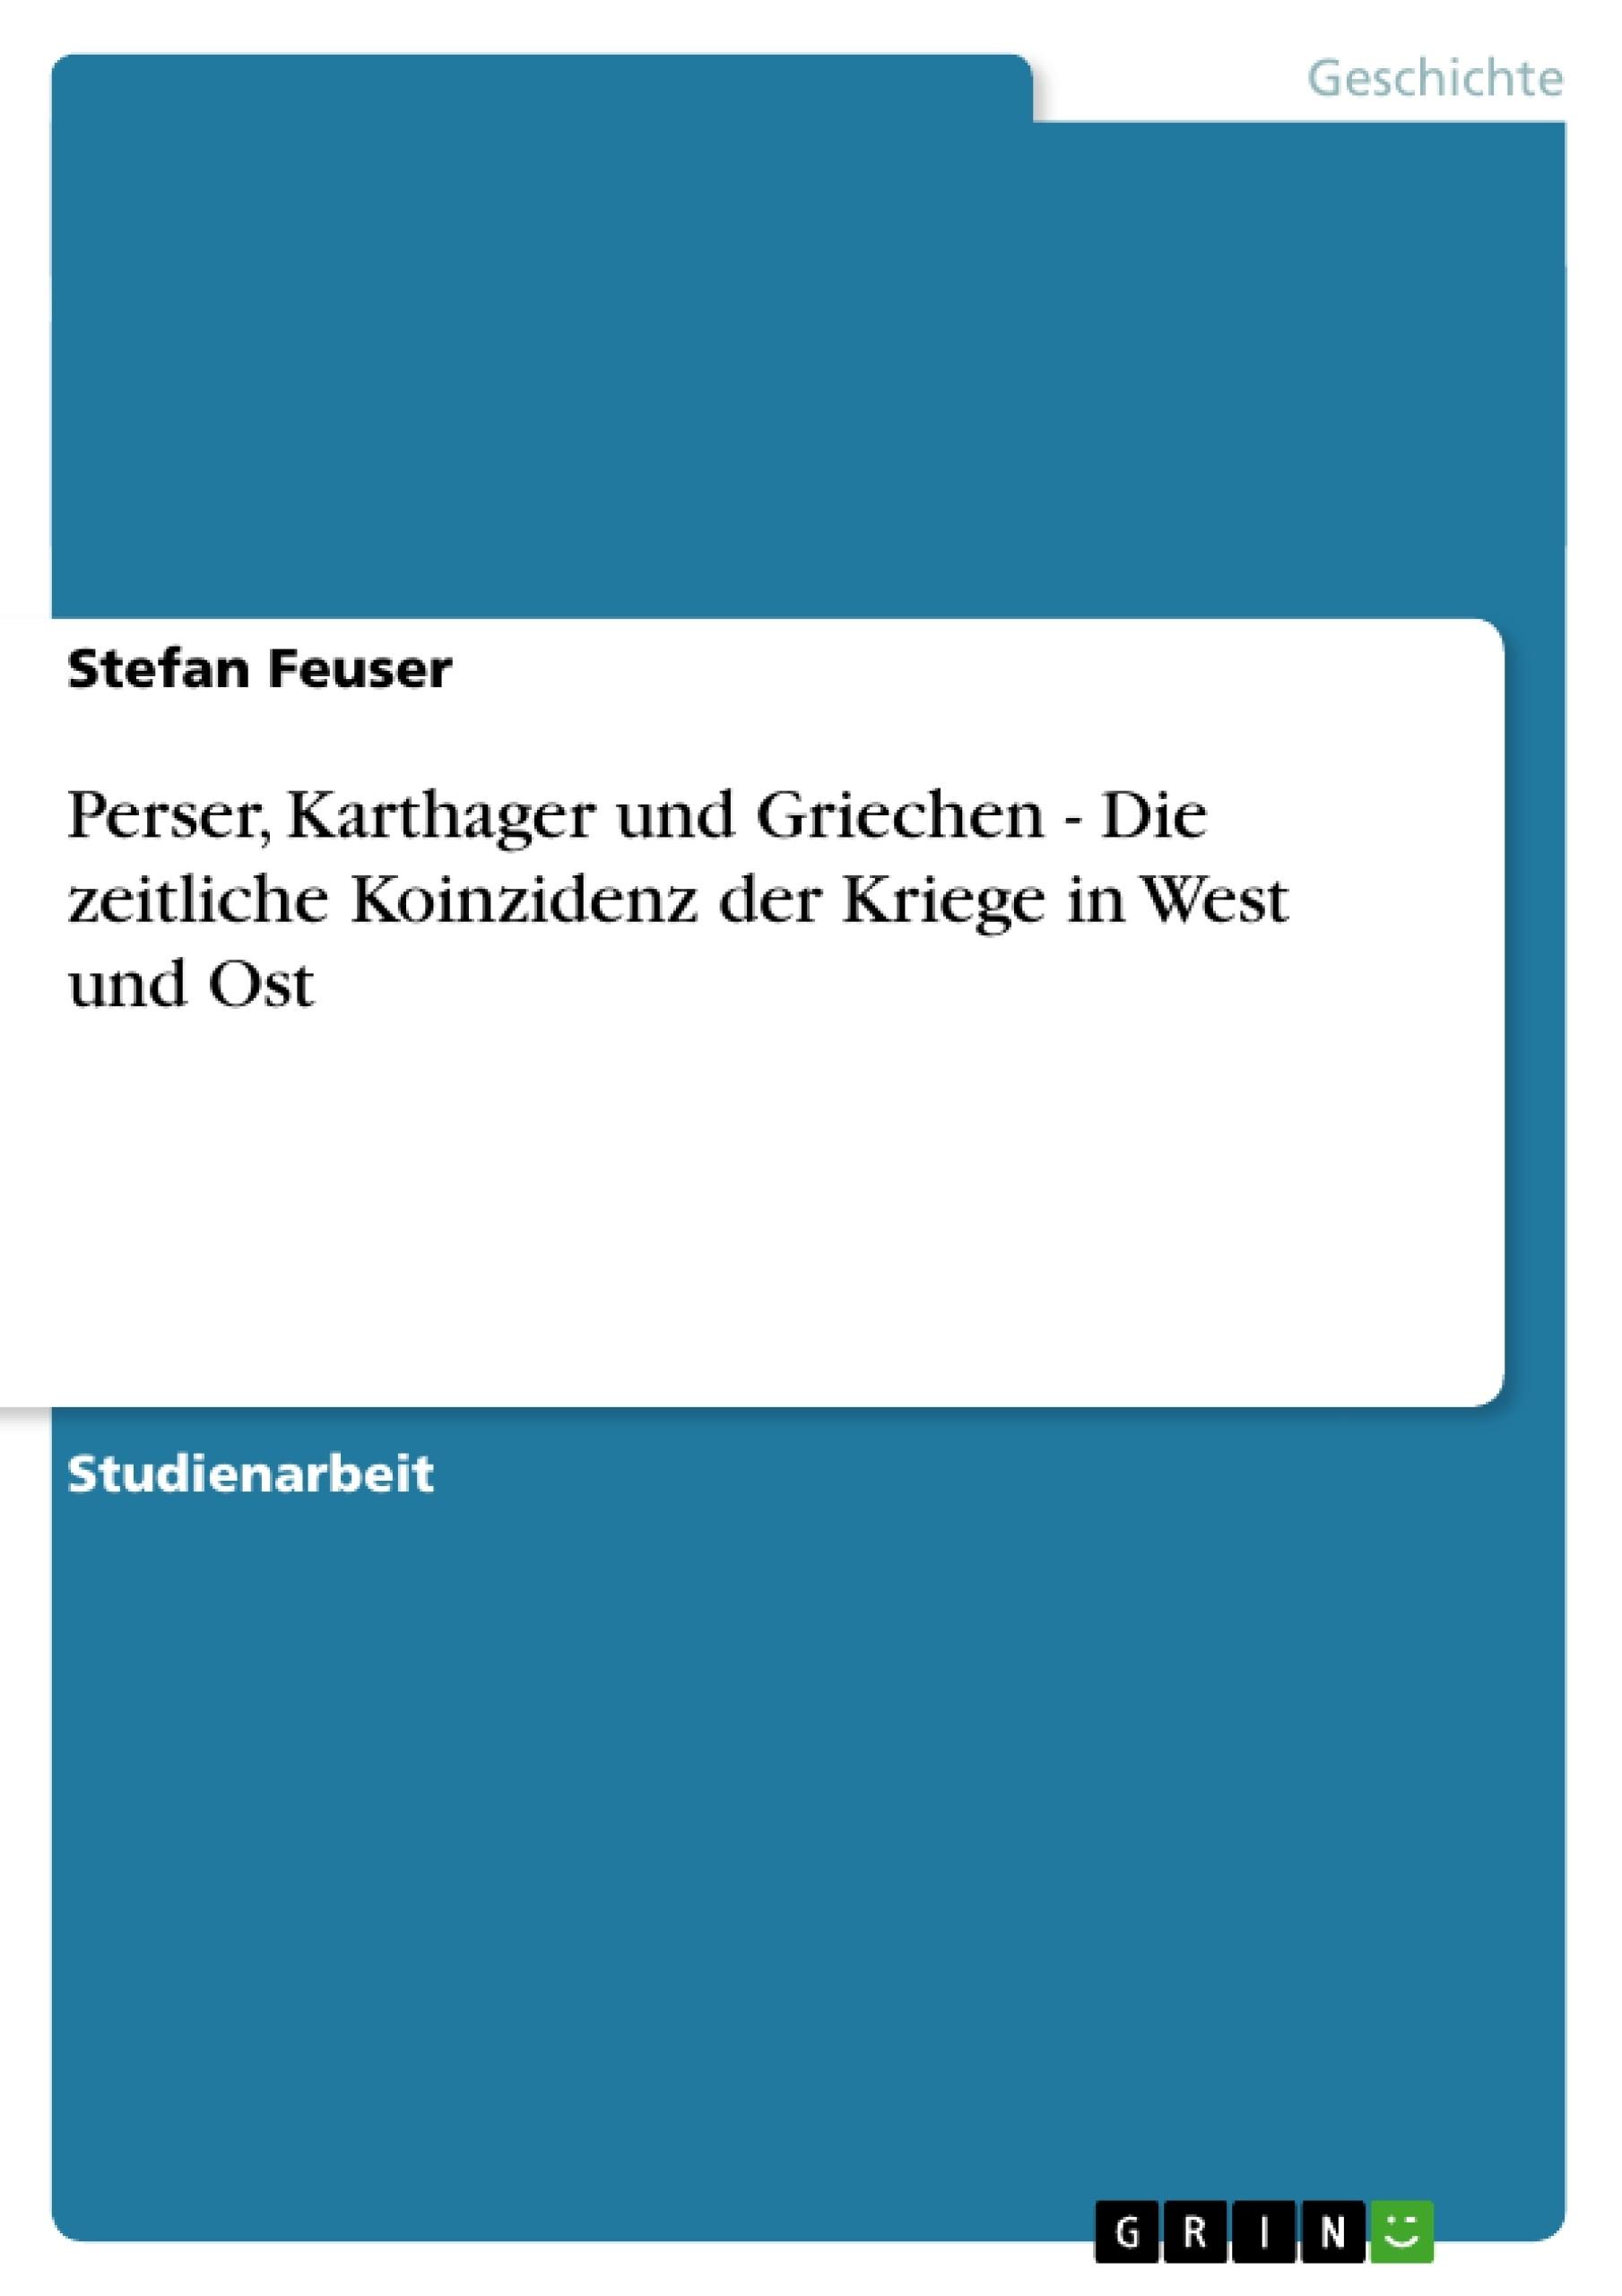 Titel: Perser, Karthager und Griechen - Die zeitliche Koinzidenz der Kriege in West und Ost